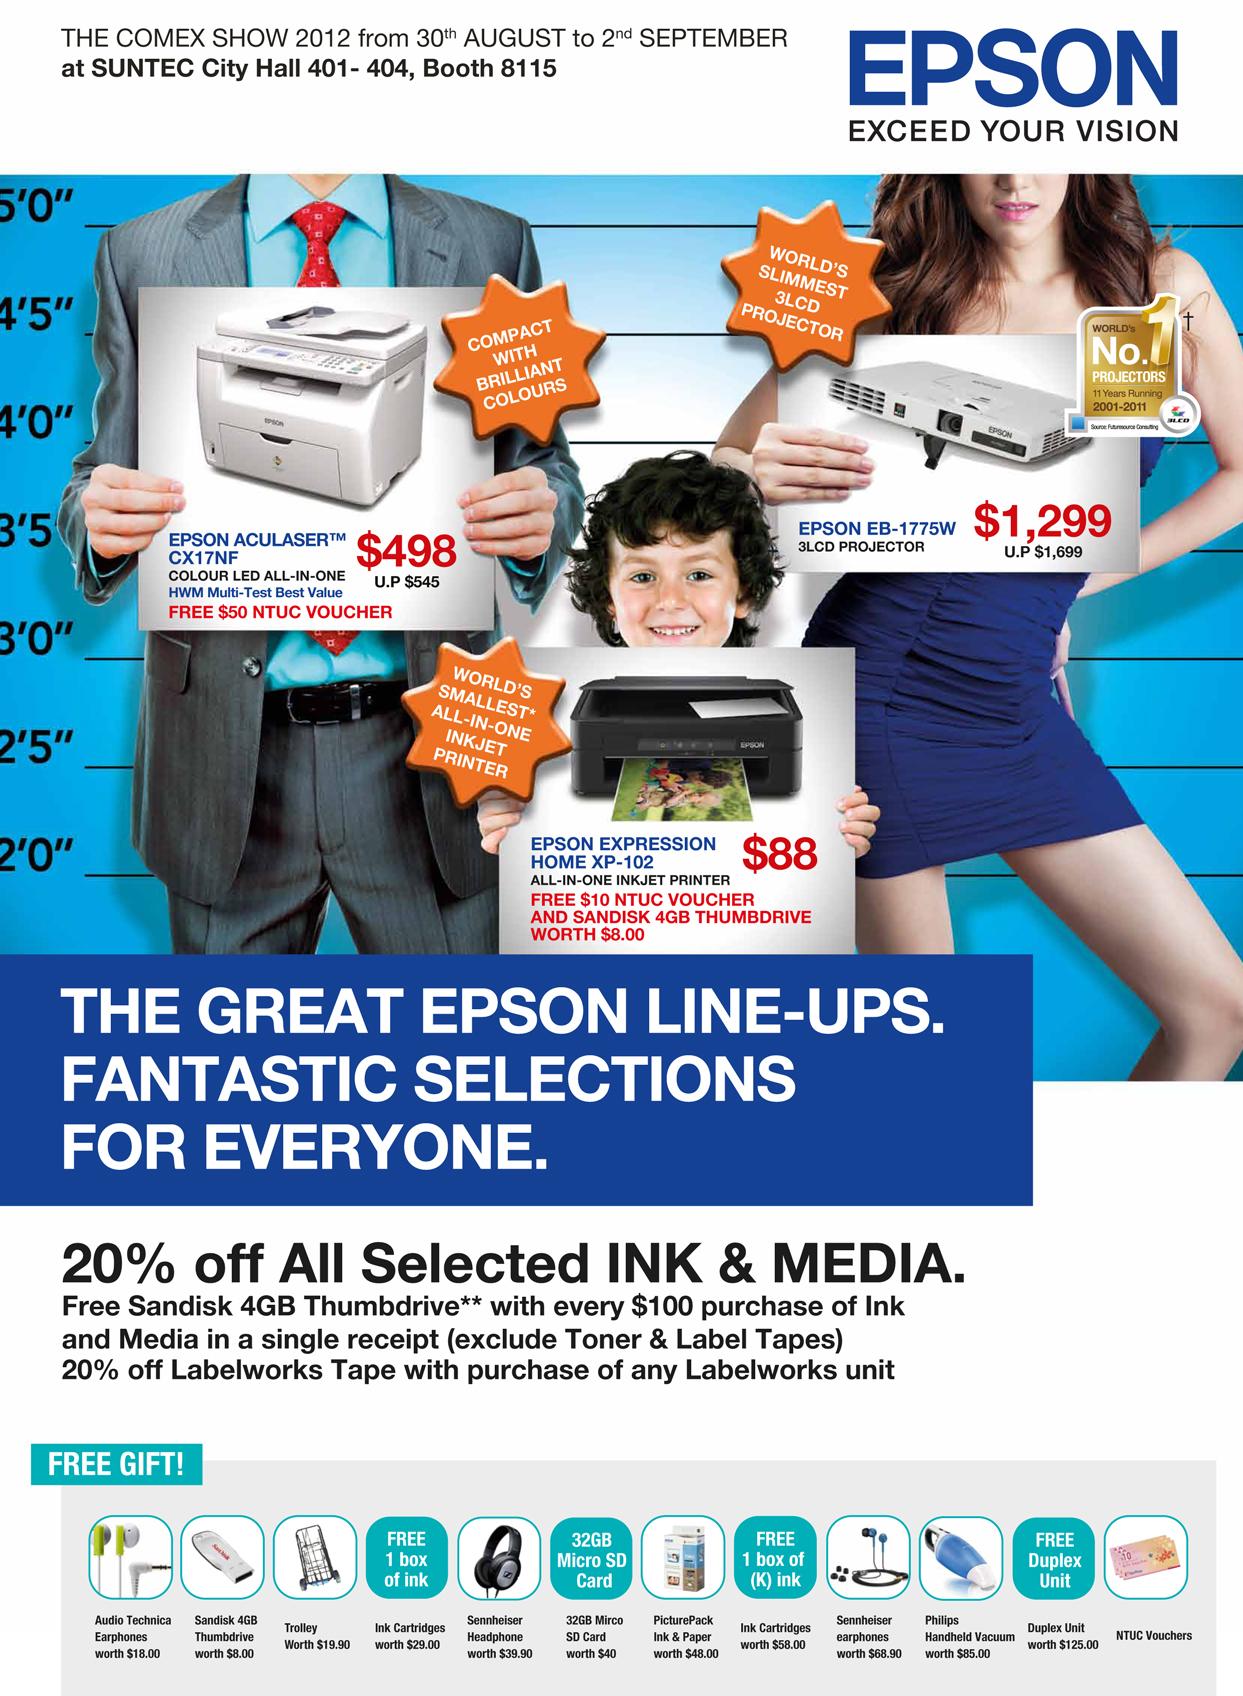 EPSON COMEX 2012 Price List 1